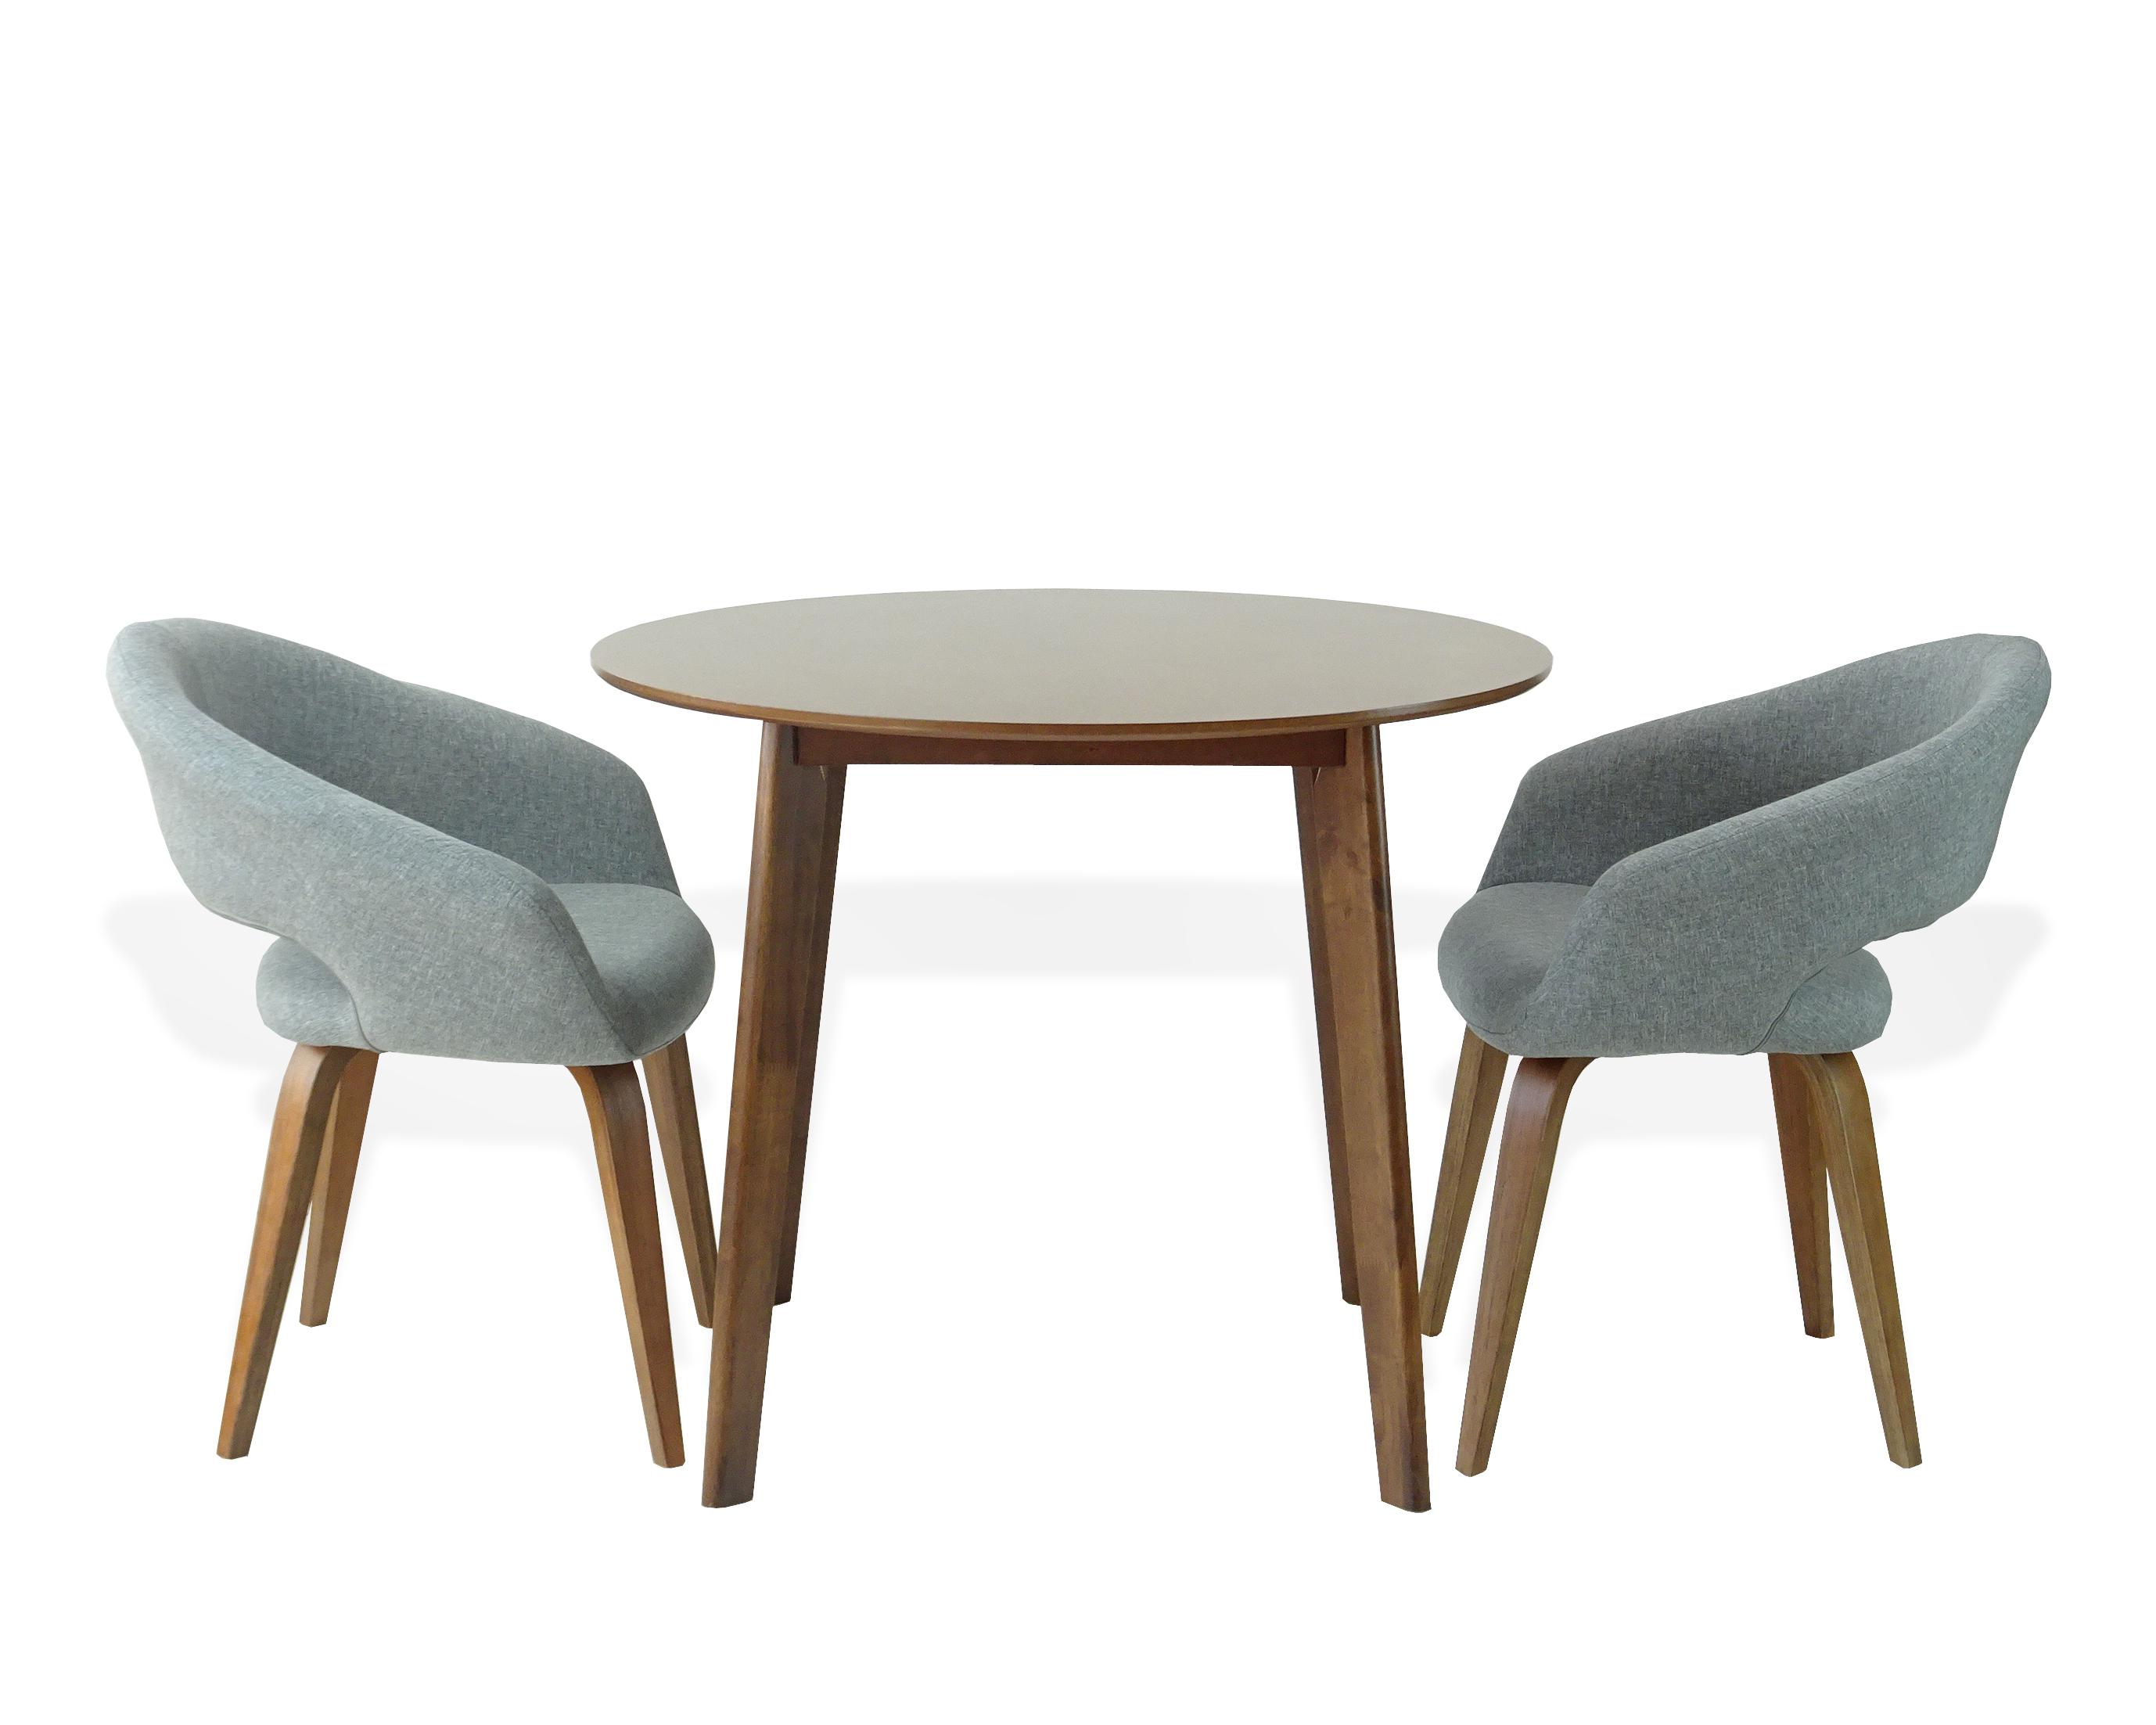 Buy Dining Kitchen Set Of 3 Round Wooden Medium Brown